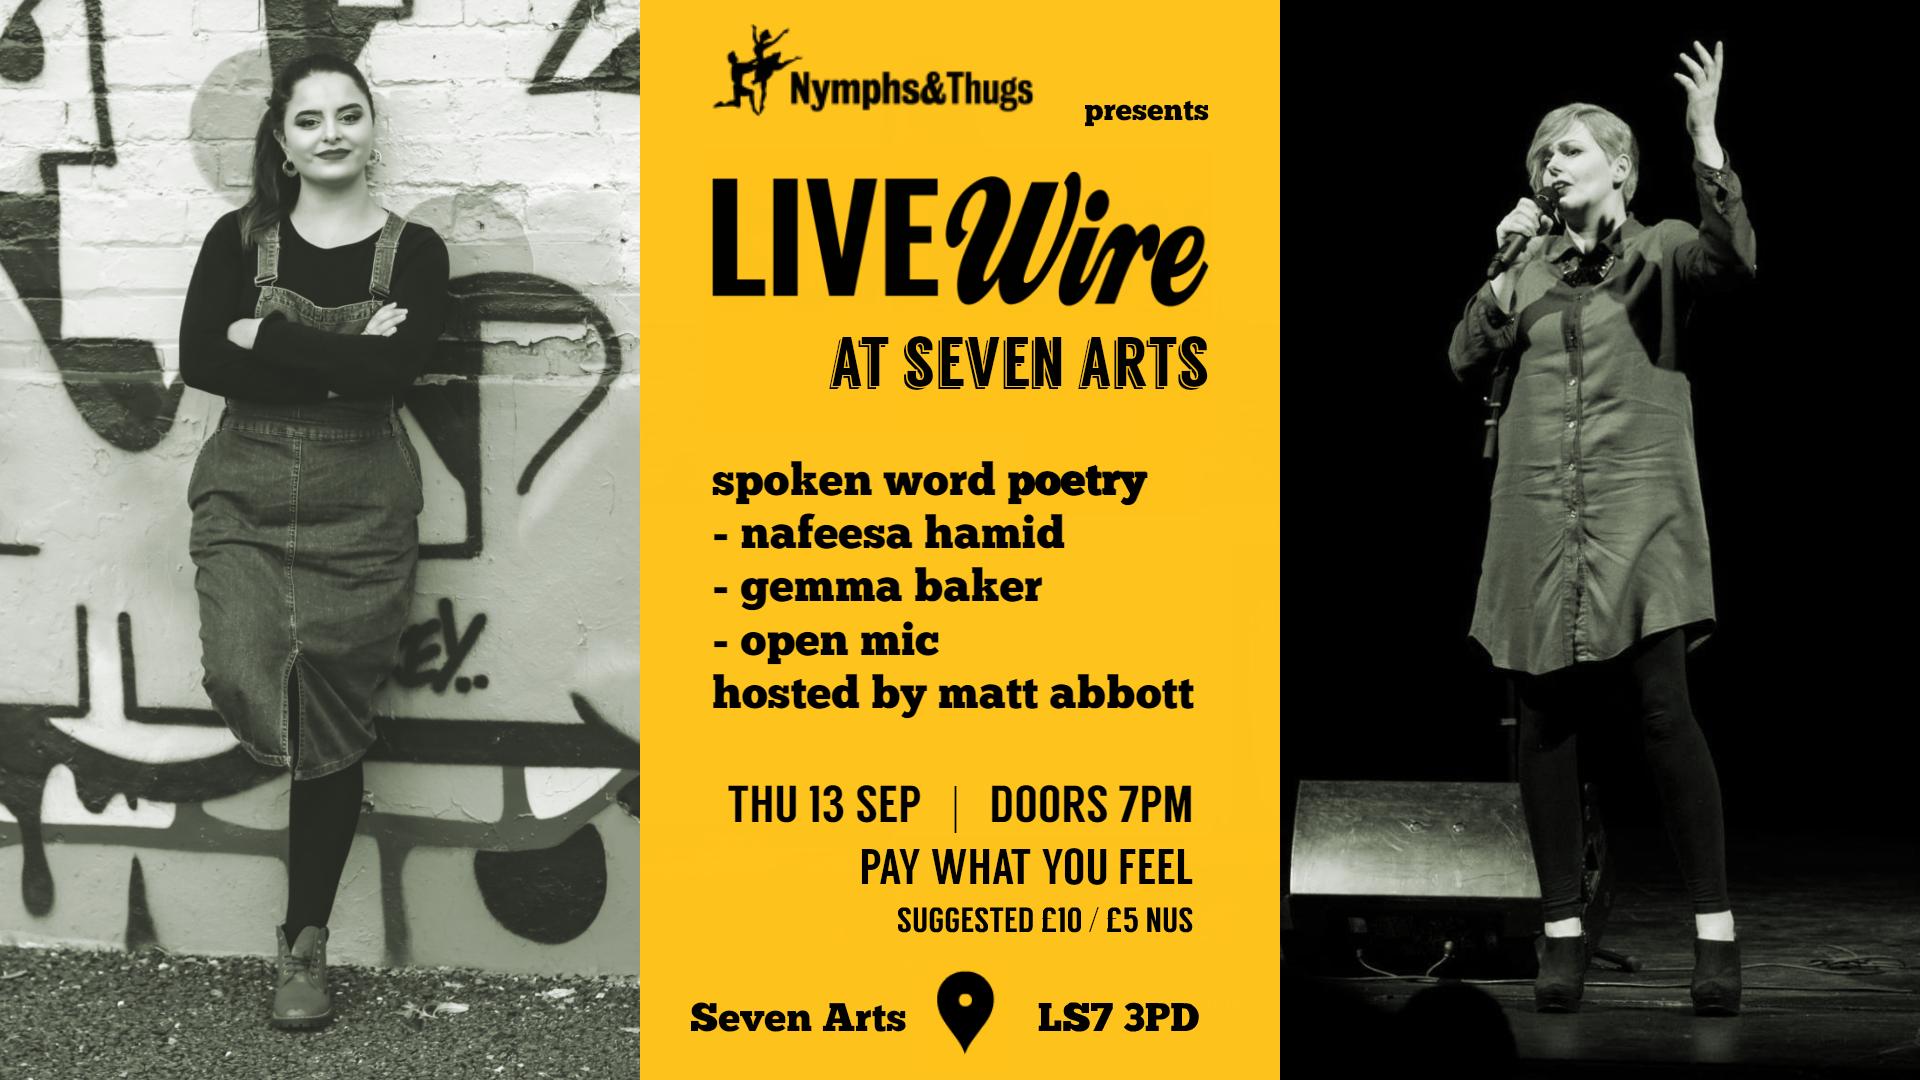 LIVEwire at Seven Arts